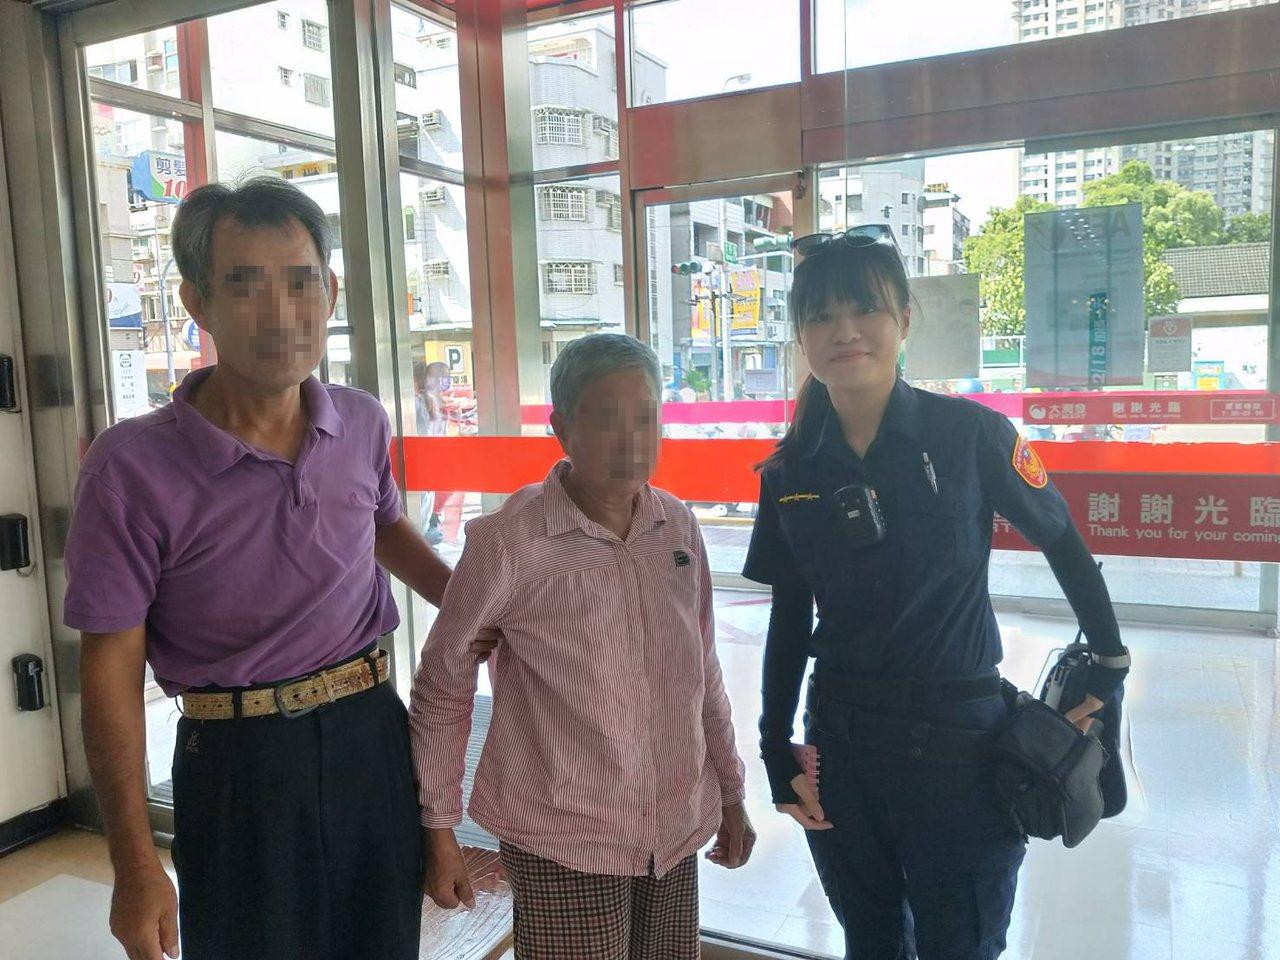 高雄黃姓老婦昨天下午在鳳山區文化路上的大賣場徘徊,警方接獲報案到場察看,到場的王...